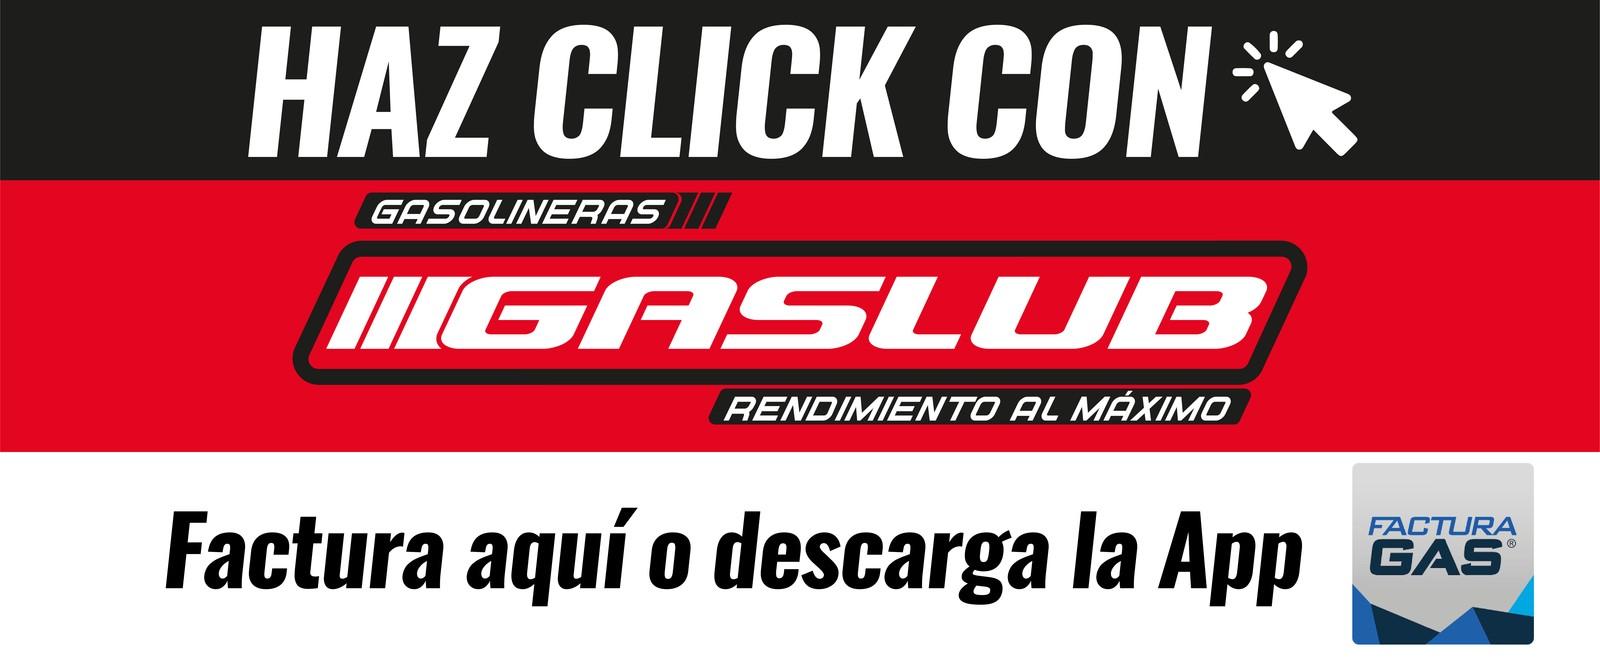 Haz click con gaslub